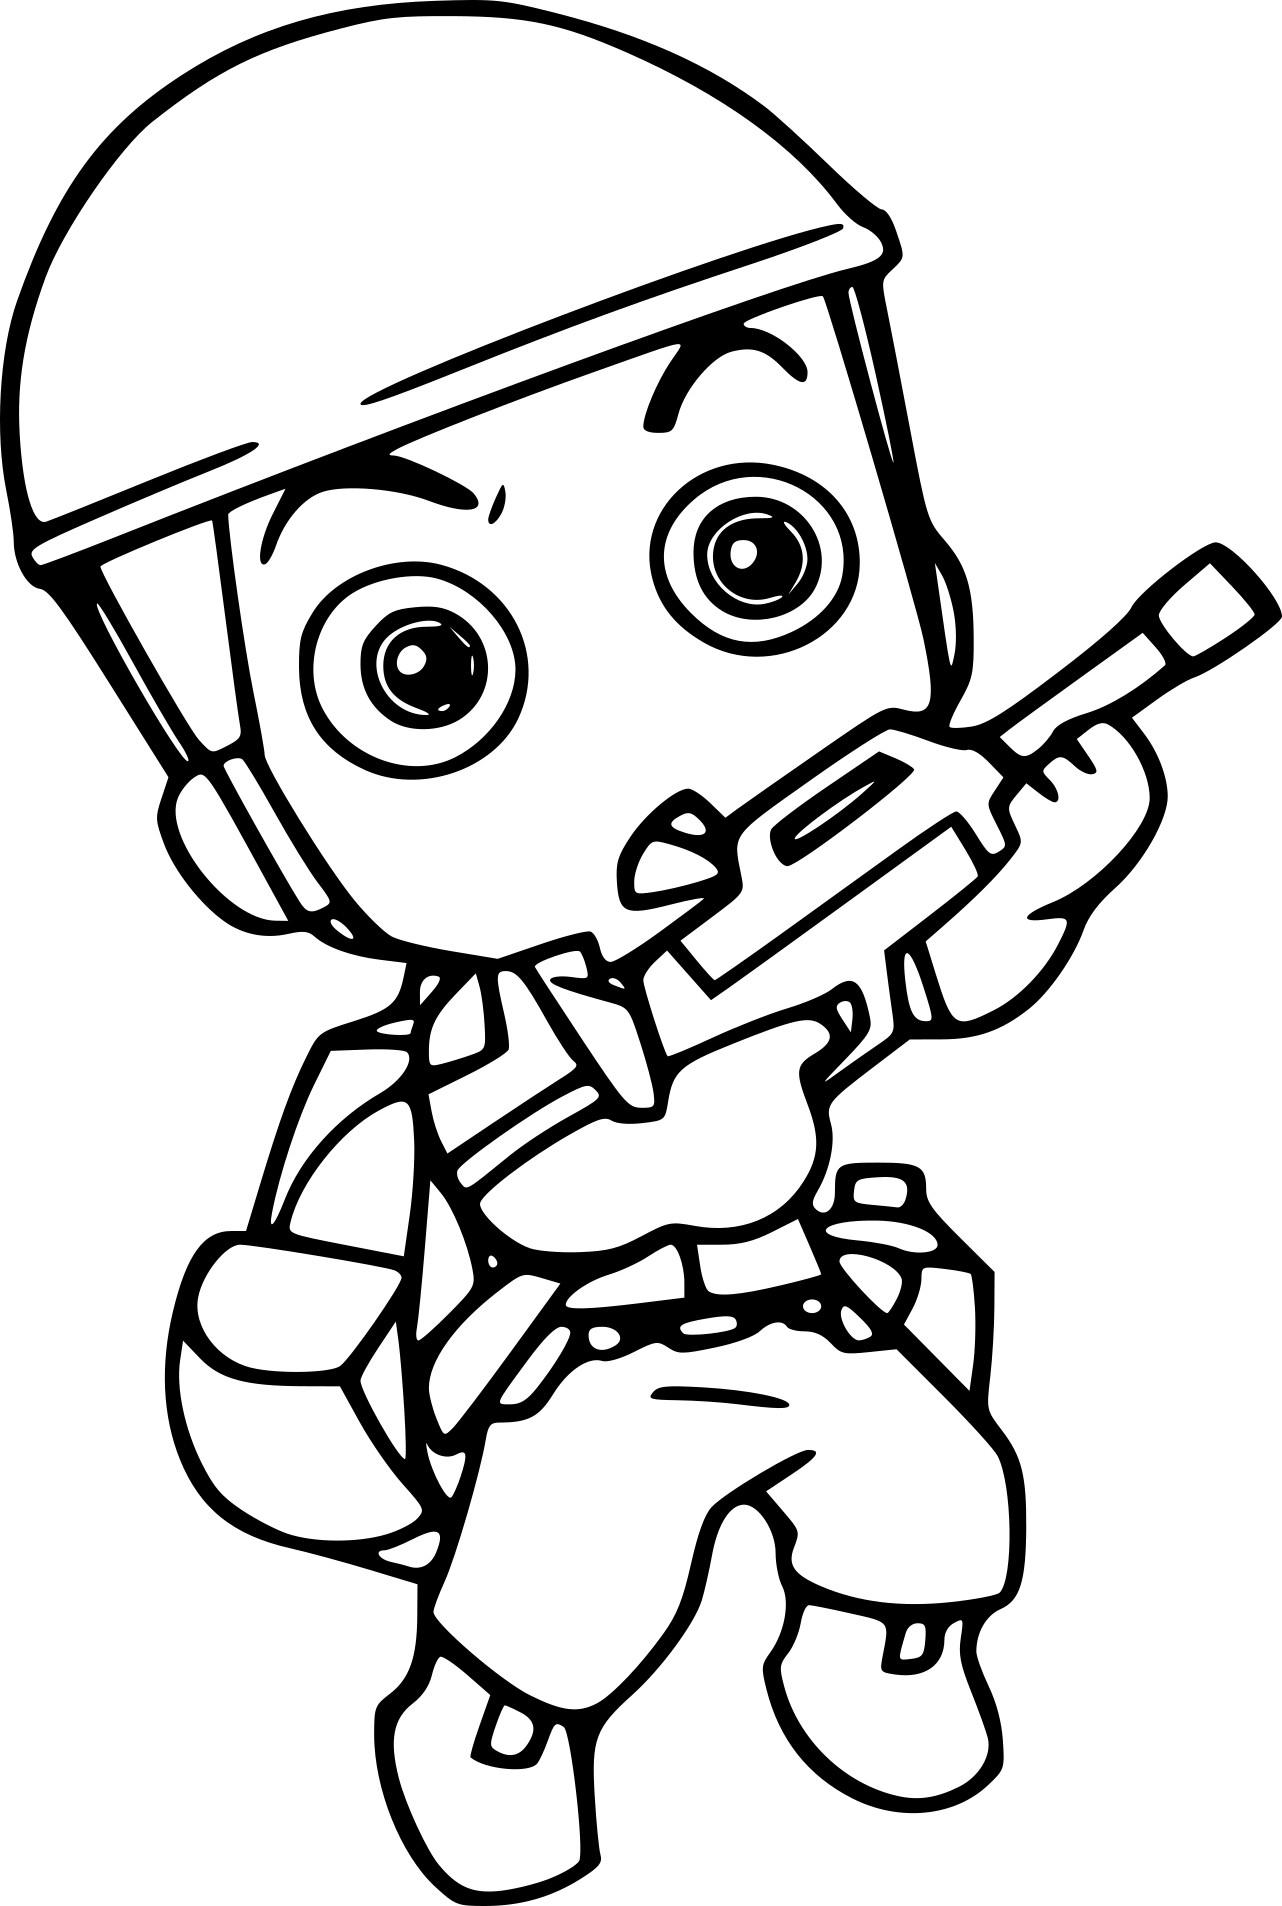 Coloriage Militaire | My Blog concernant Coloriage Soldat